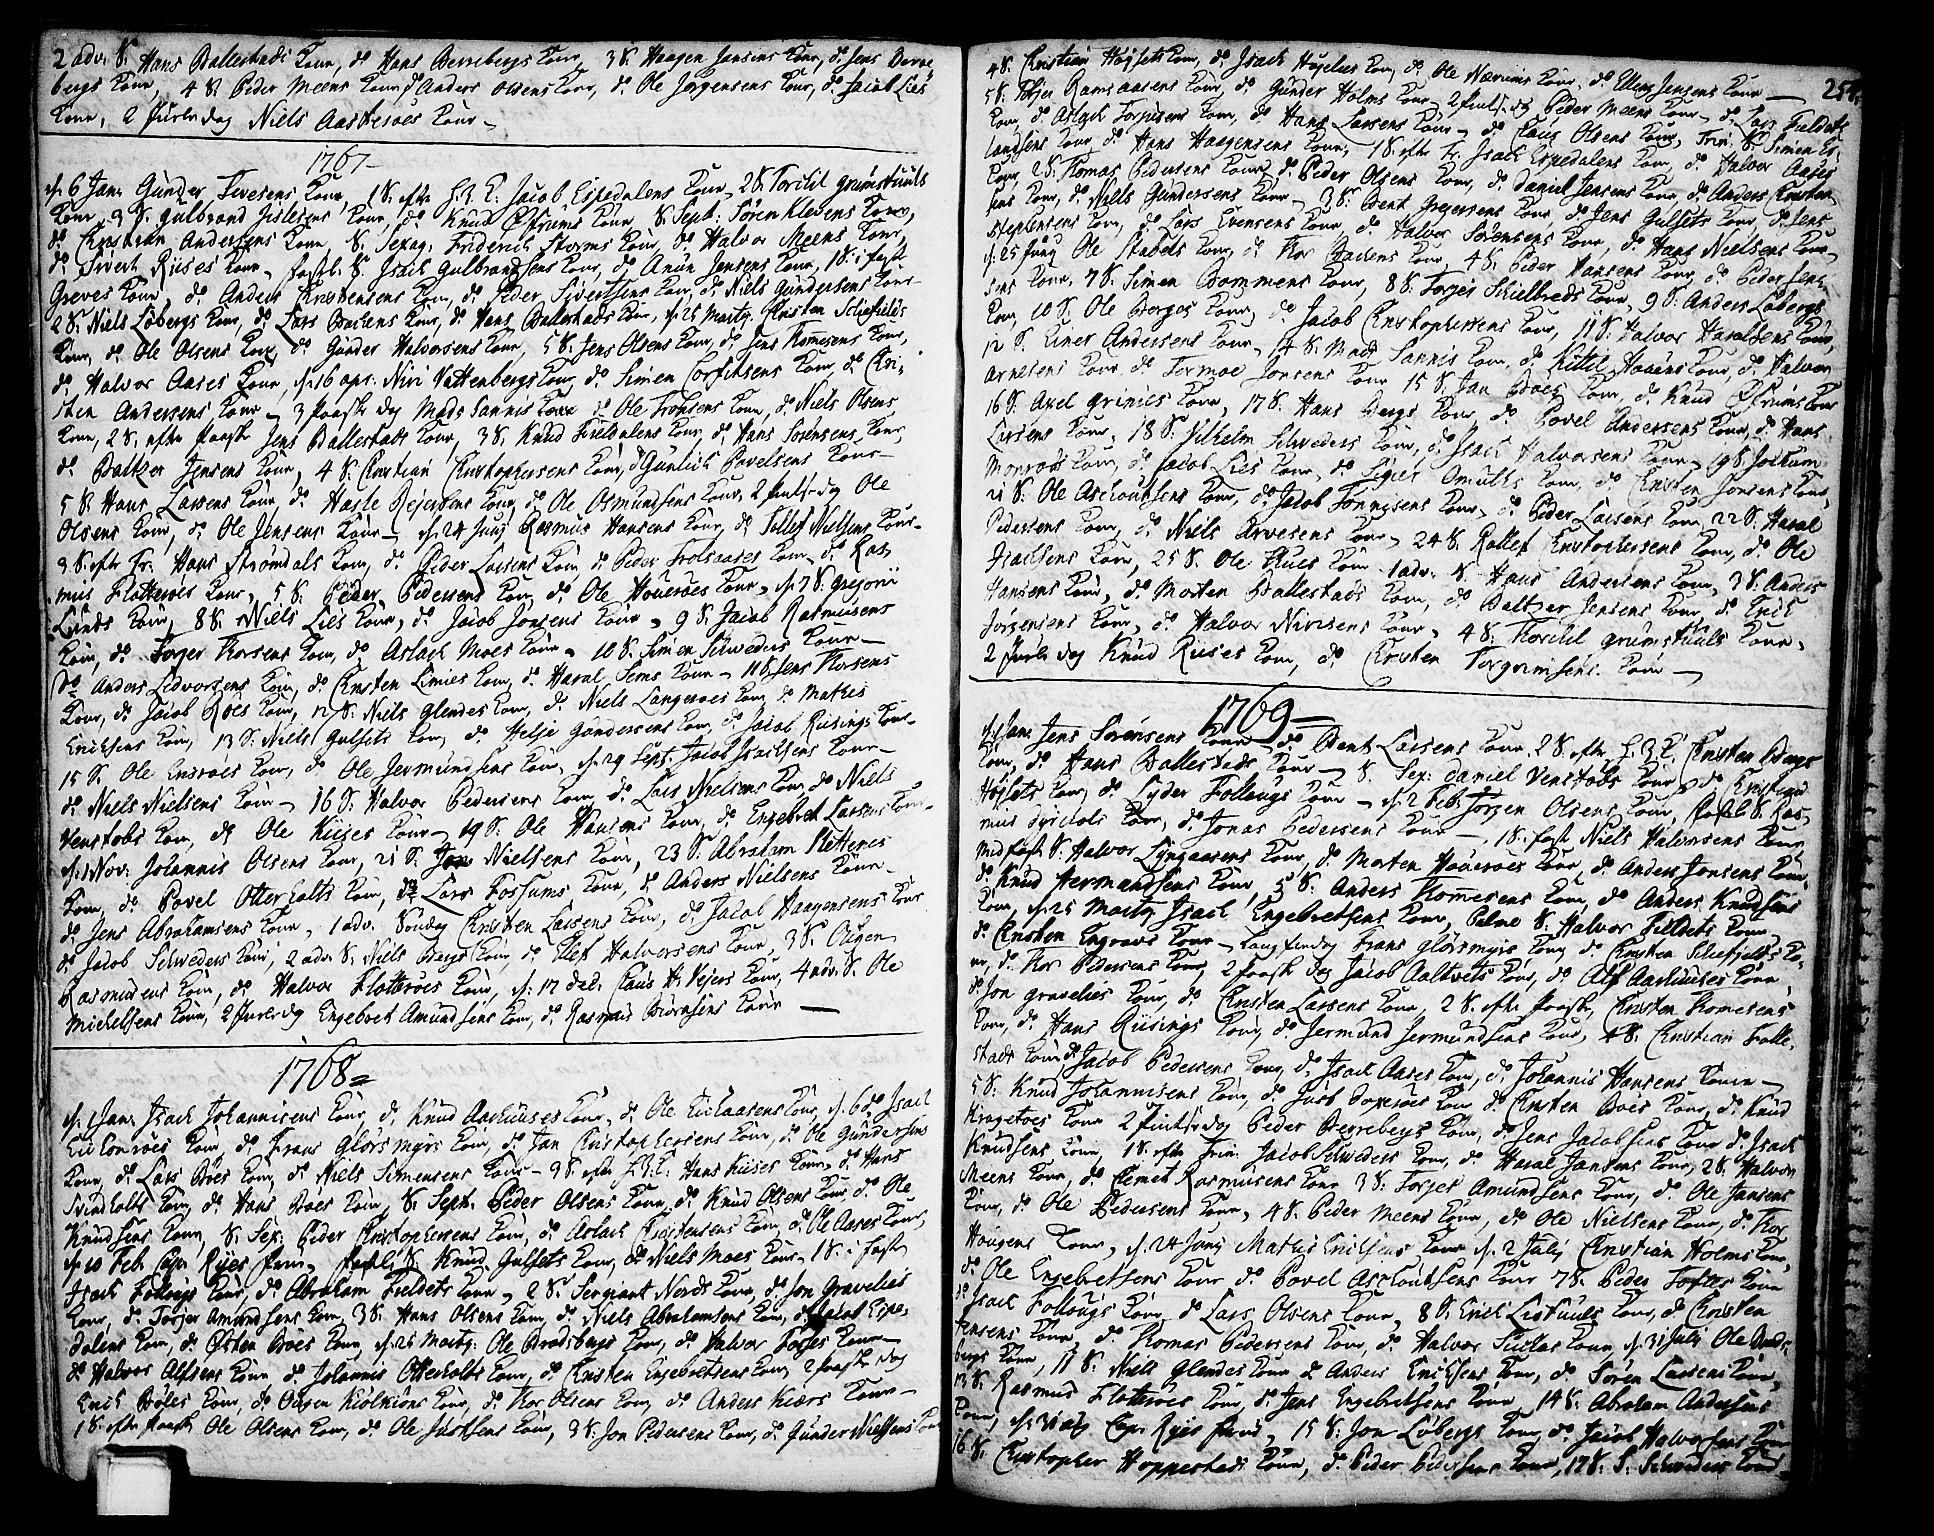 SAKO, Gjerpen kirkebøker, F/Fa/L0002: Ministerialbok nr. 2, 1747-1795, s. 254